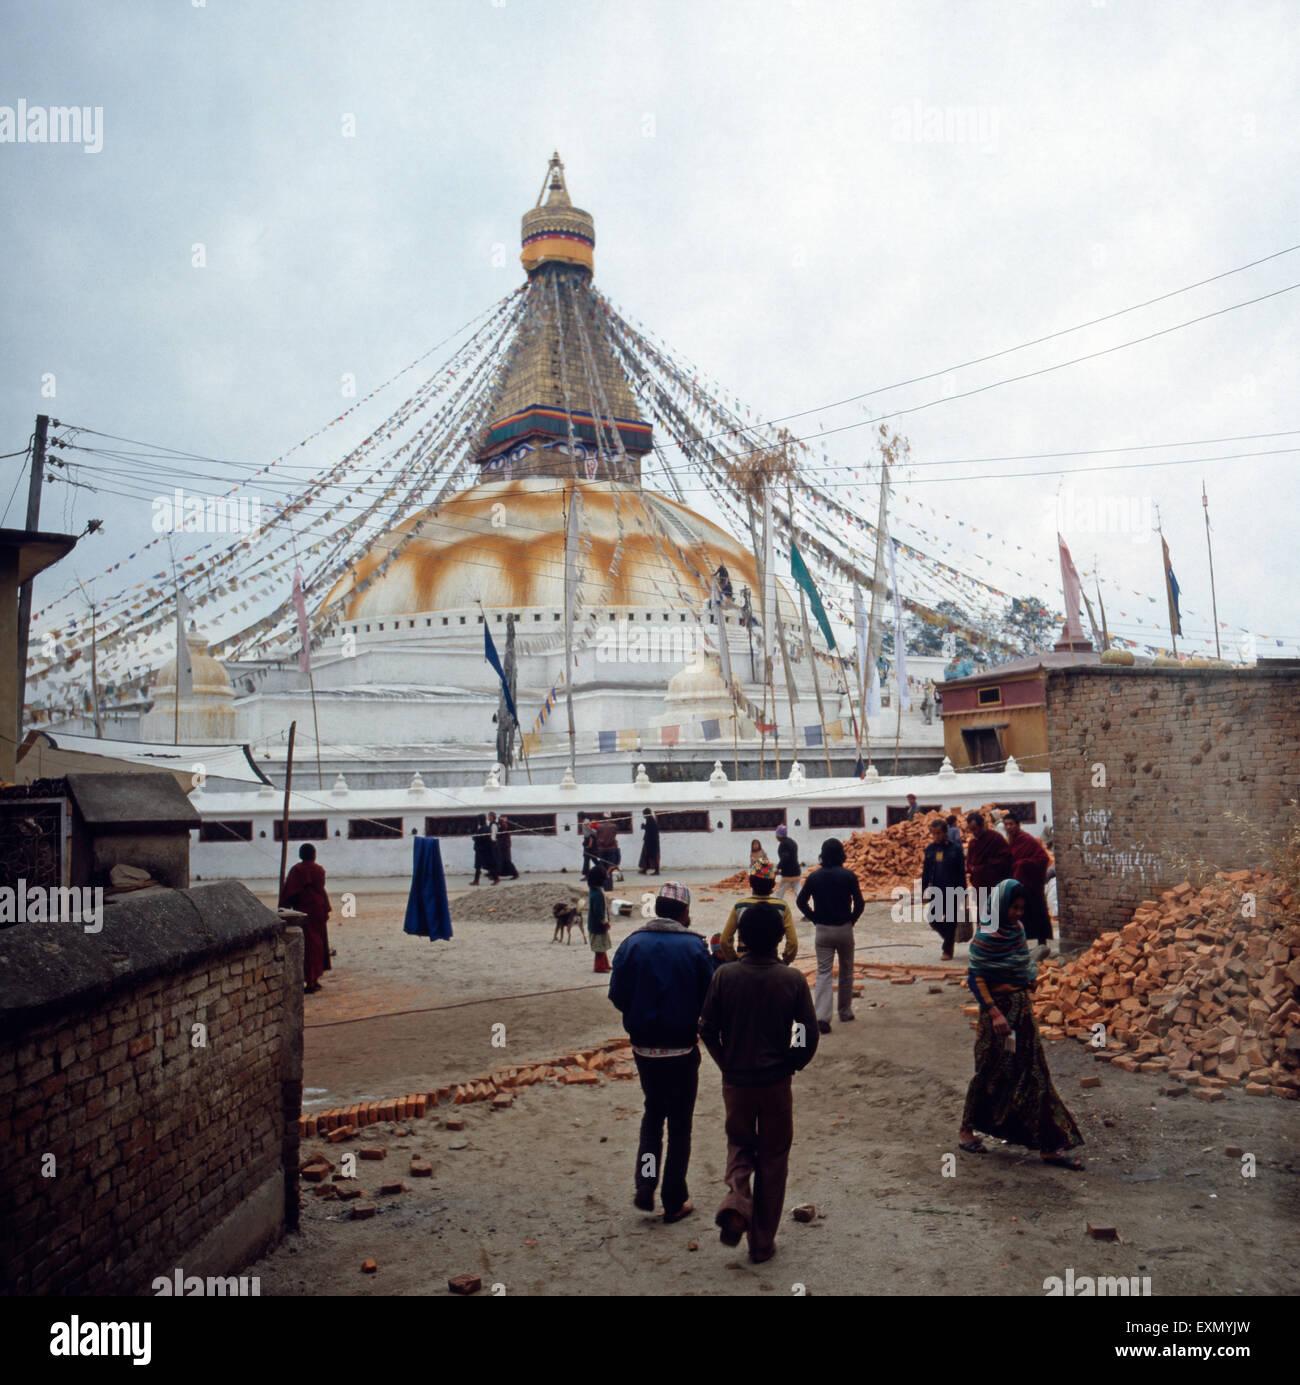 Boudhanath Stupa Tourists Kathmandu Nepal Stock Photos & Boudhanath Stupa Tourists Kathmandu